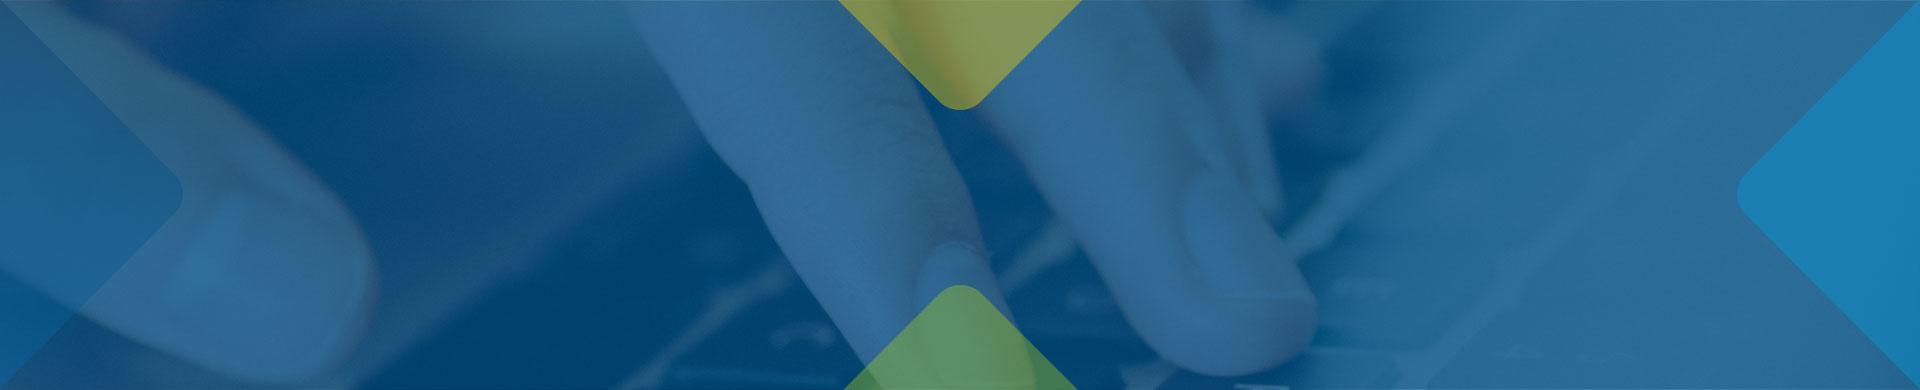 SynX  Banner À propos de nous